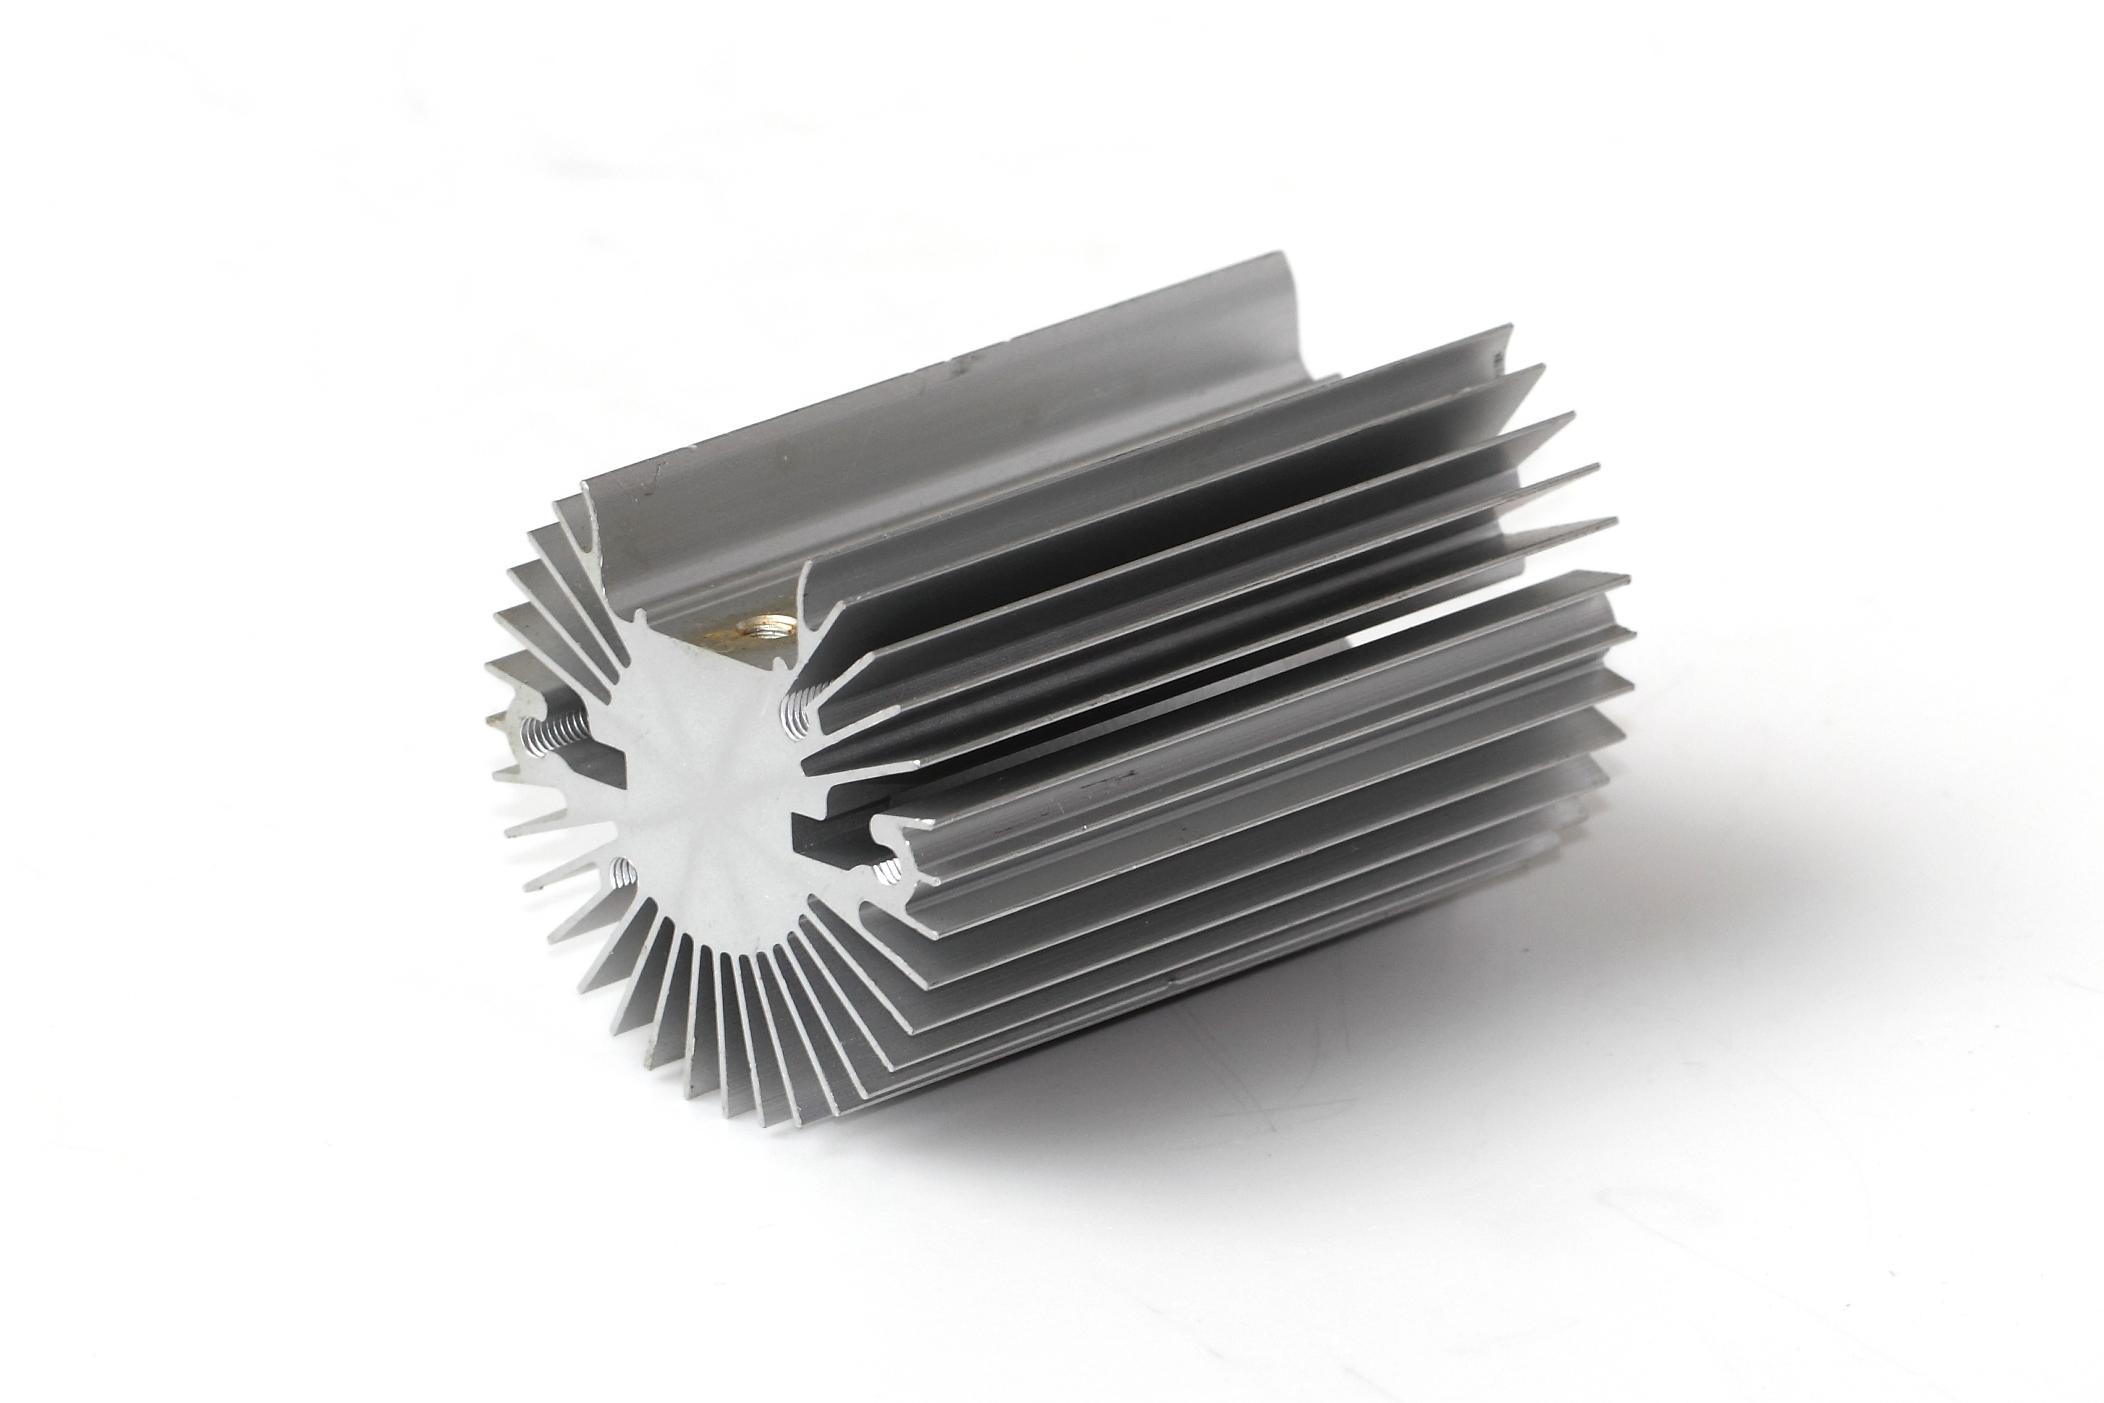 Aluminum extruded heat sink